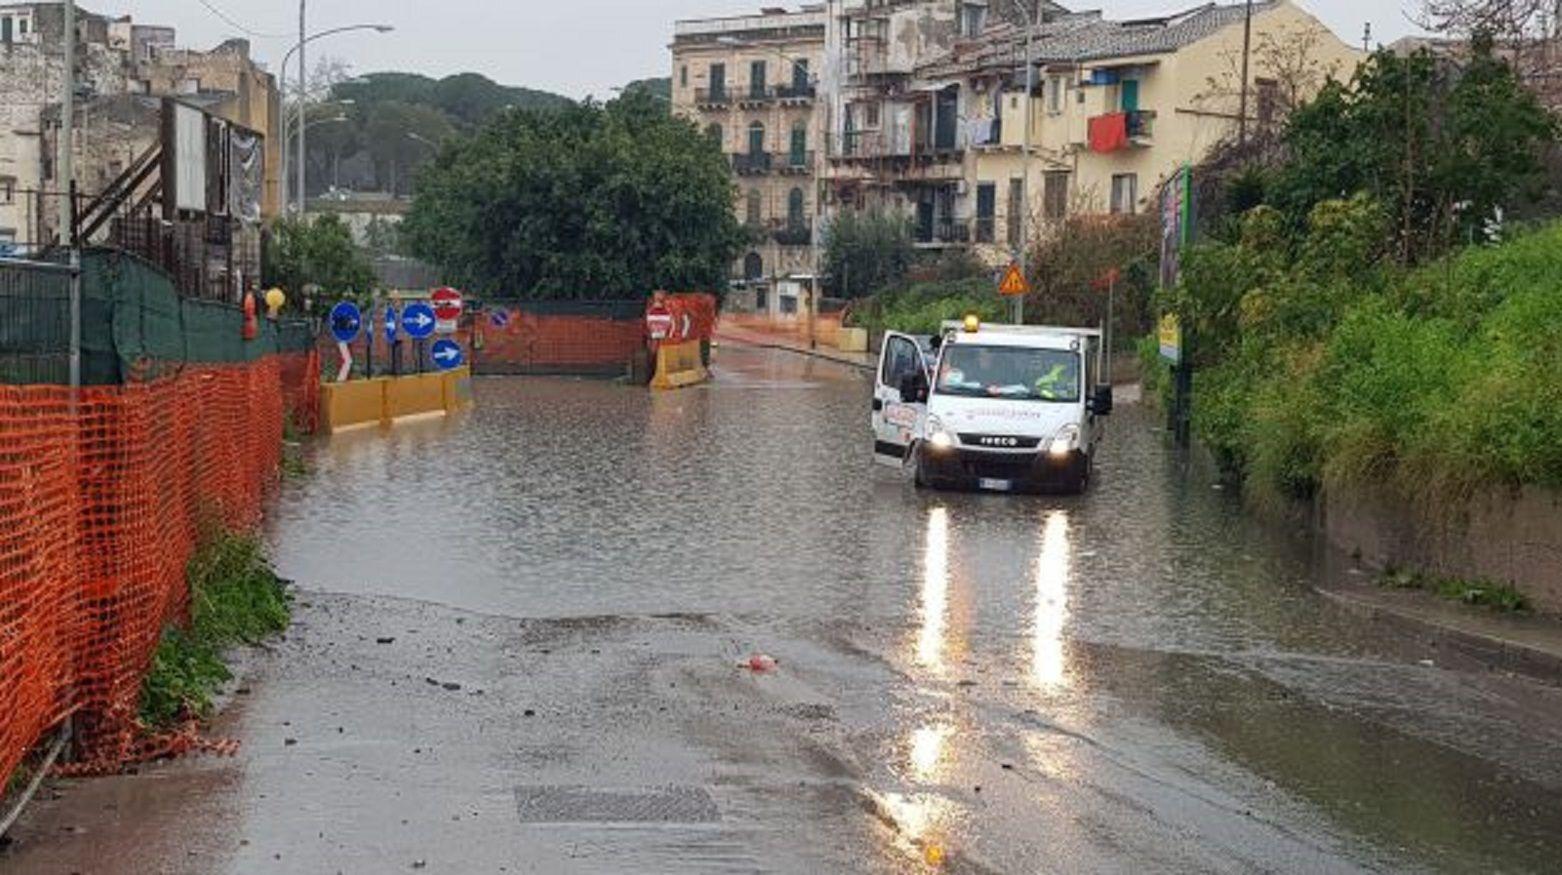 Inundaciones en Sicilia: nueve personas murieron ahogadas en una casa